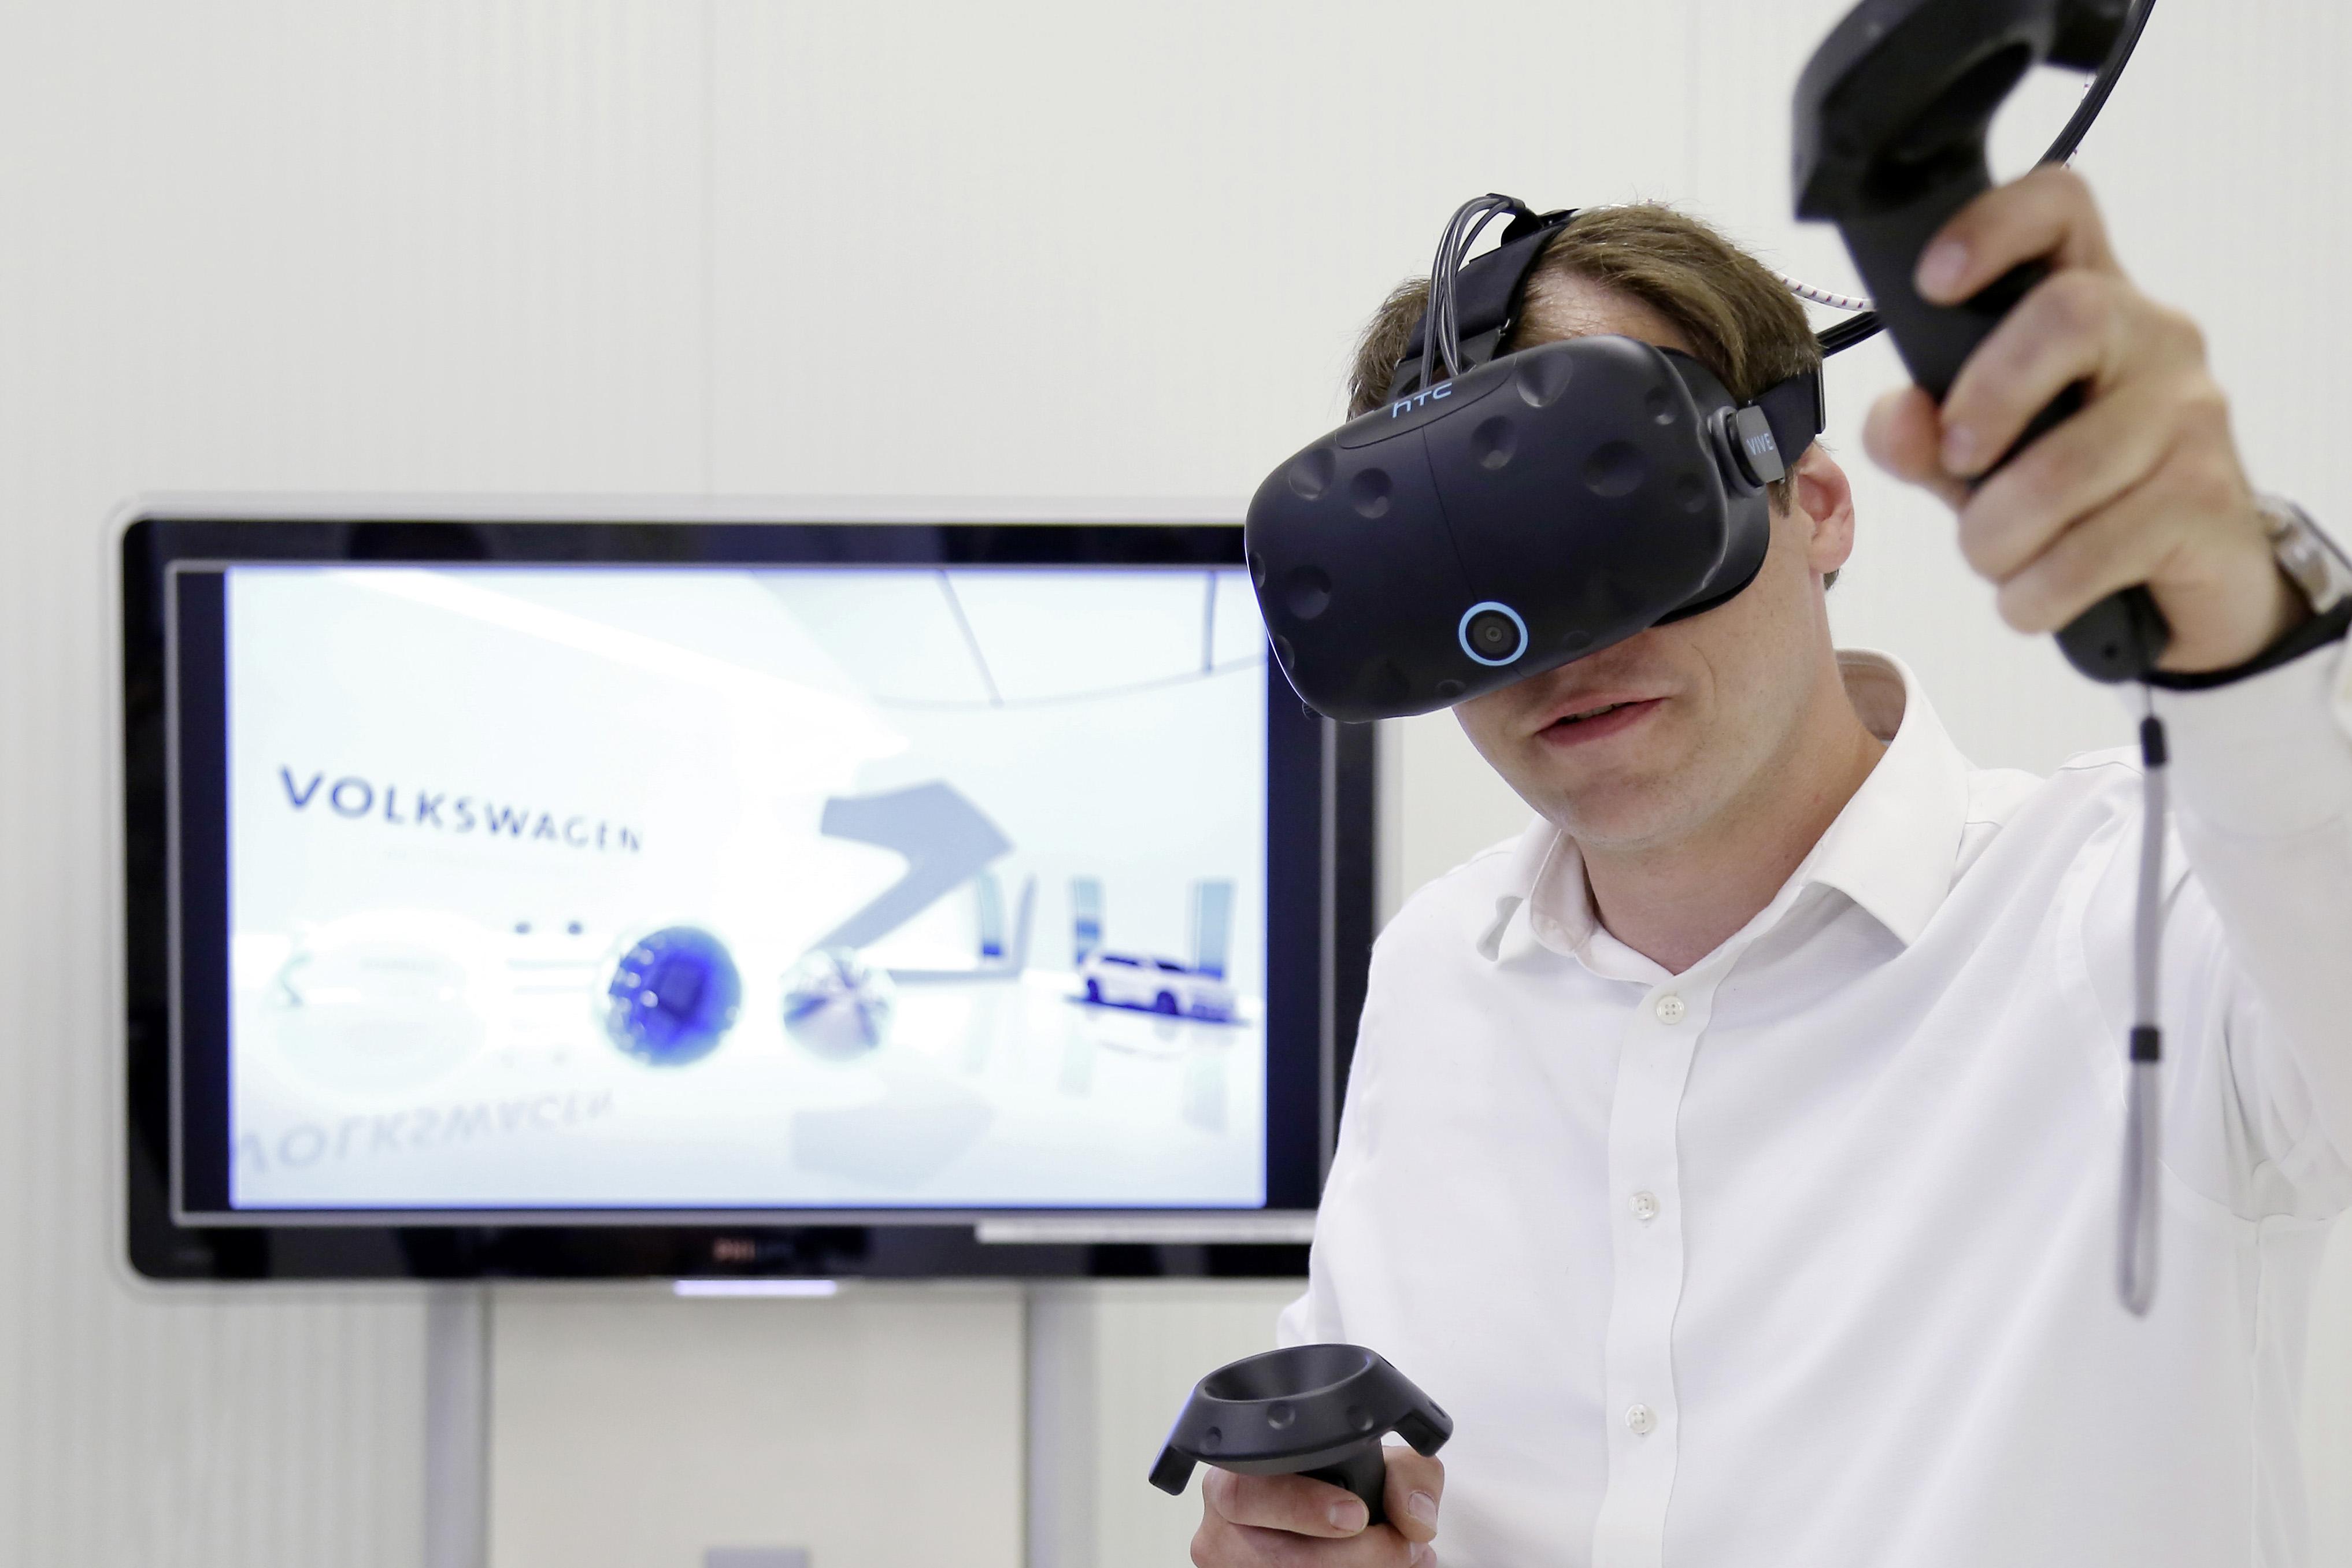 """Dennis Abmeier, IT-Experte im Team Digital Realities im Konzernarbeitskreis Digitale Fabrik, sagt: ?Der gegenseitige Wissenstransfer ist ebenso wichtig wie die Bündelung dieses Wissens. Über den ,Volkswagen Digital Reality Hub´ haben die Mitarbeiter die Möglichkeit, auf bereits vorhandene VR-Elemente sowie vorhandenes Wissen zuzugreifen."""""""